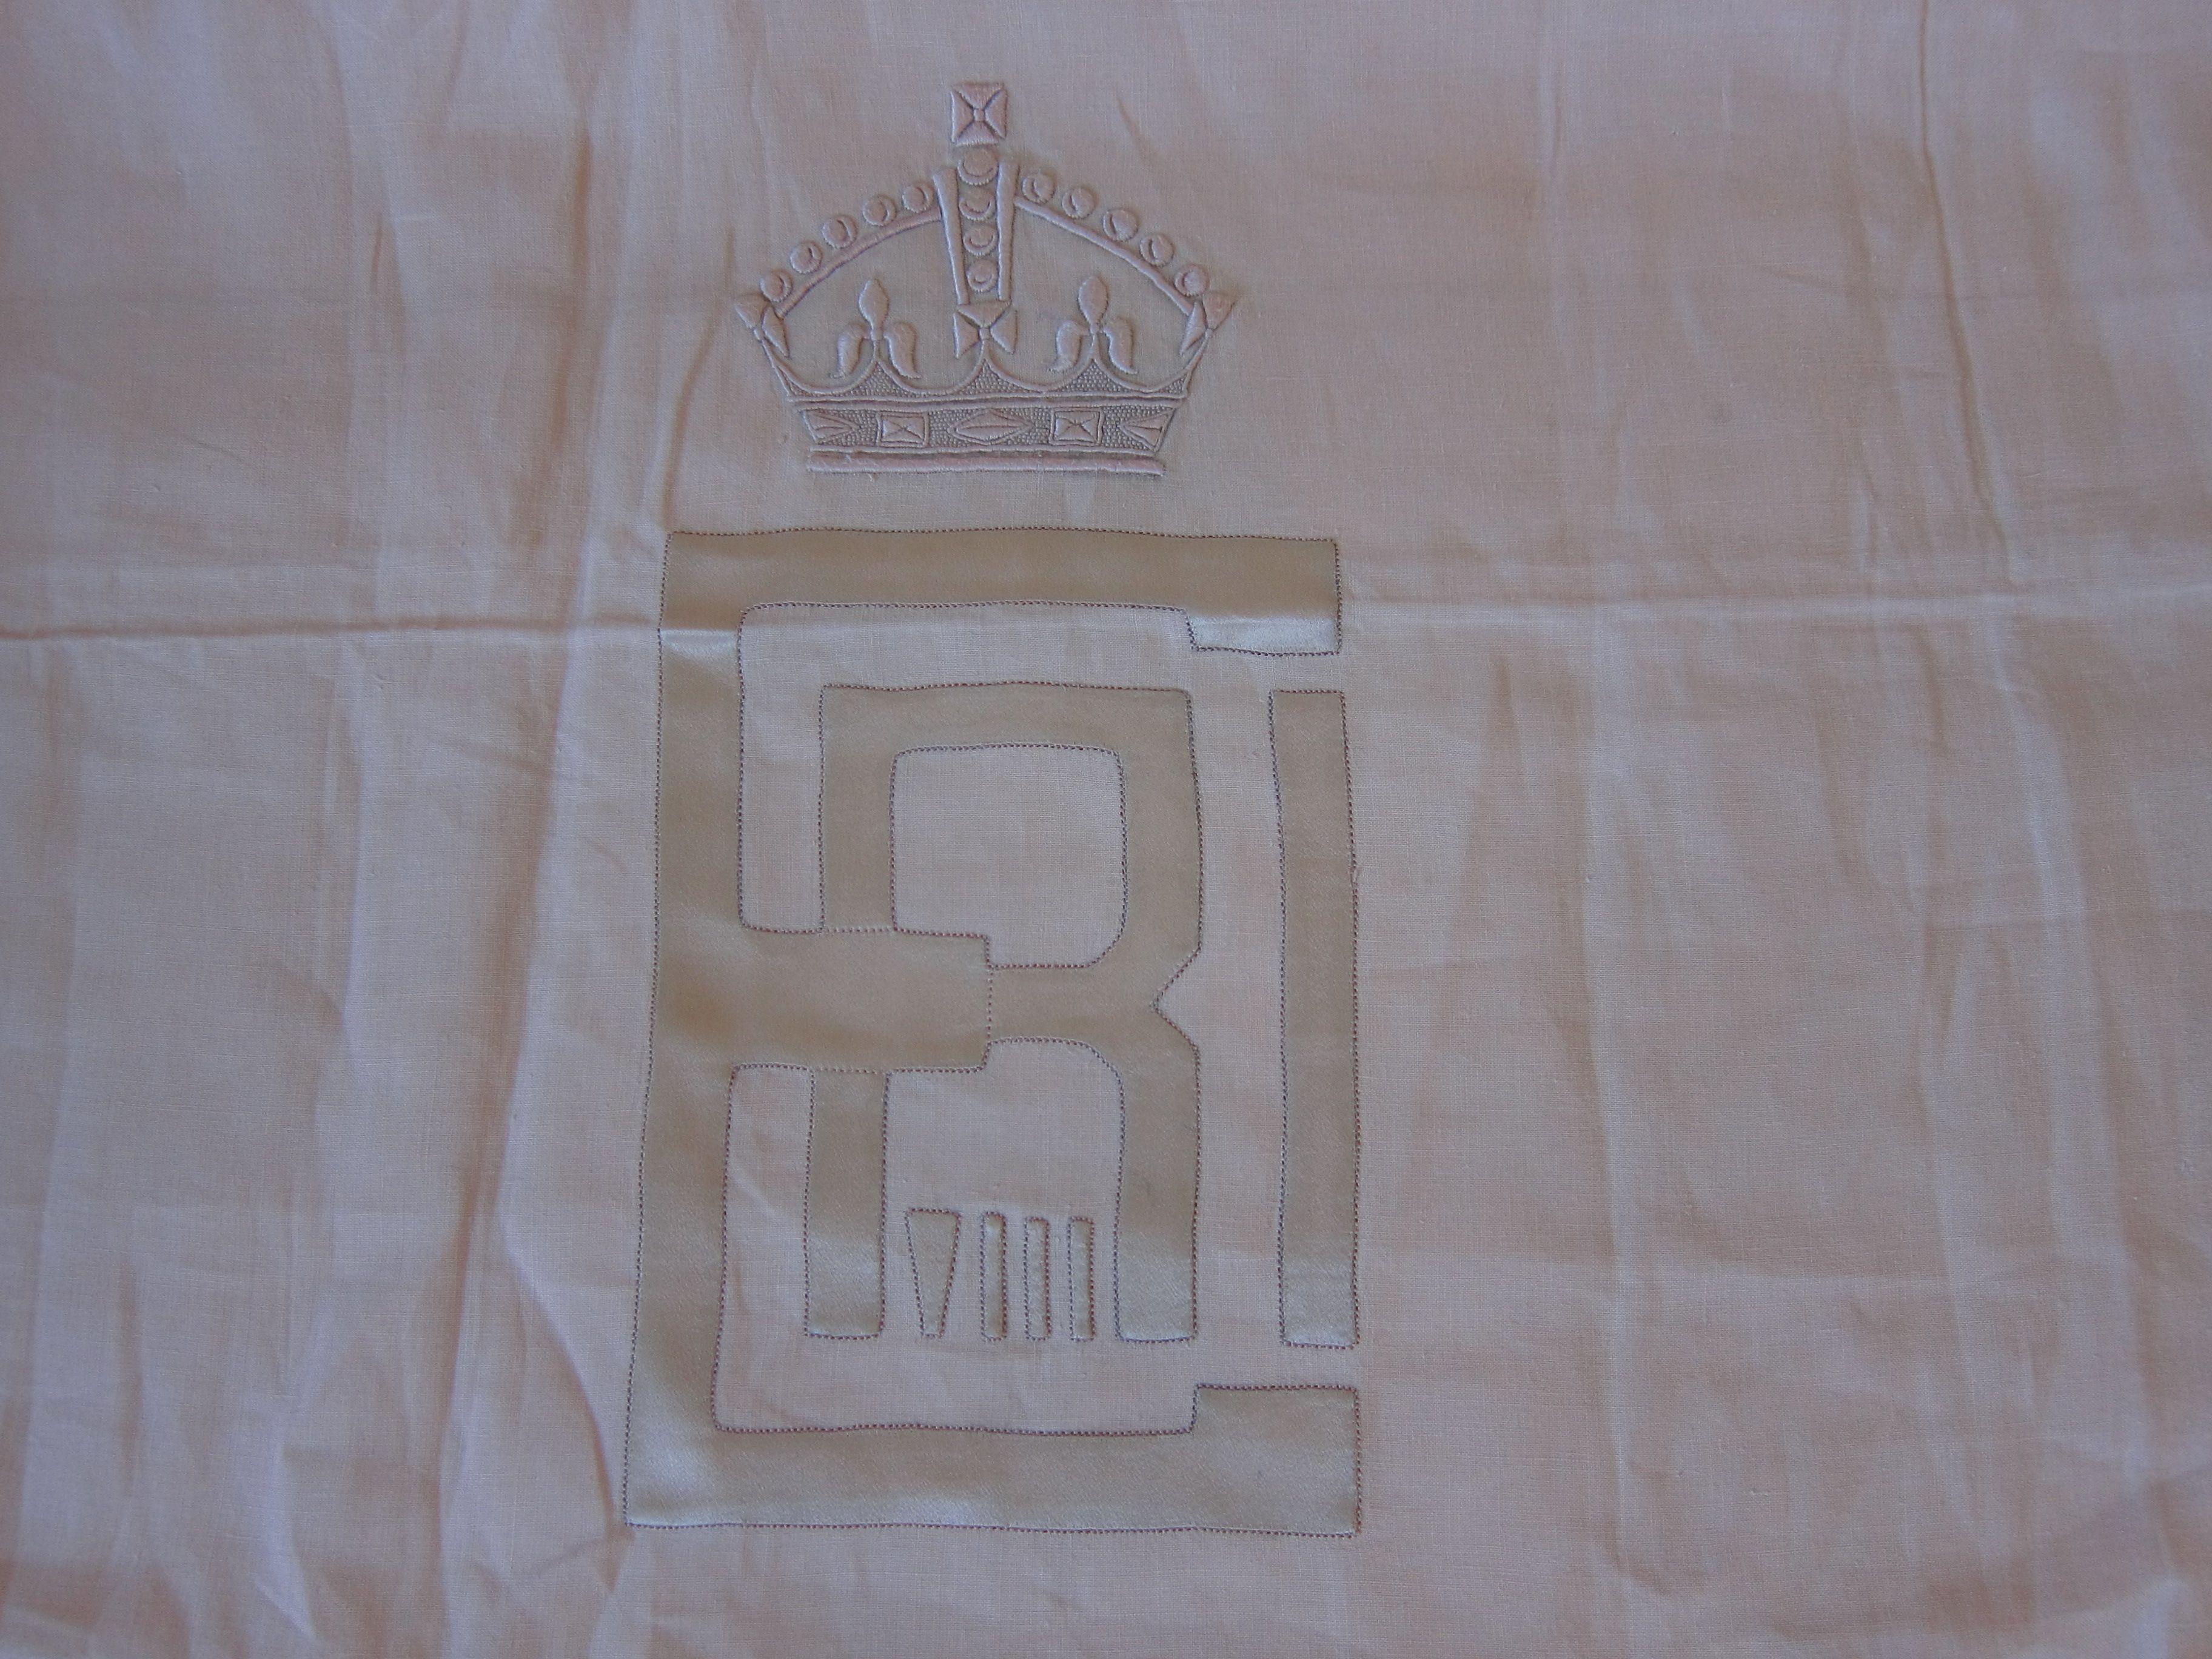 application de soie et broderie blanche  crée par Porthault pour Edourd VIII, duc de windsor